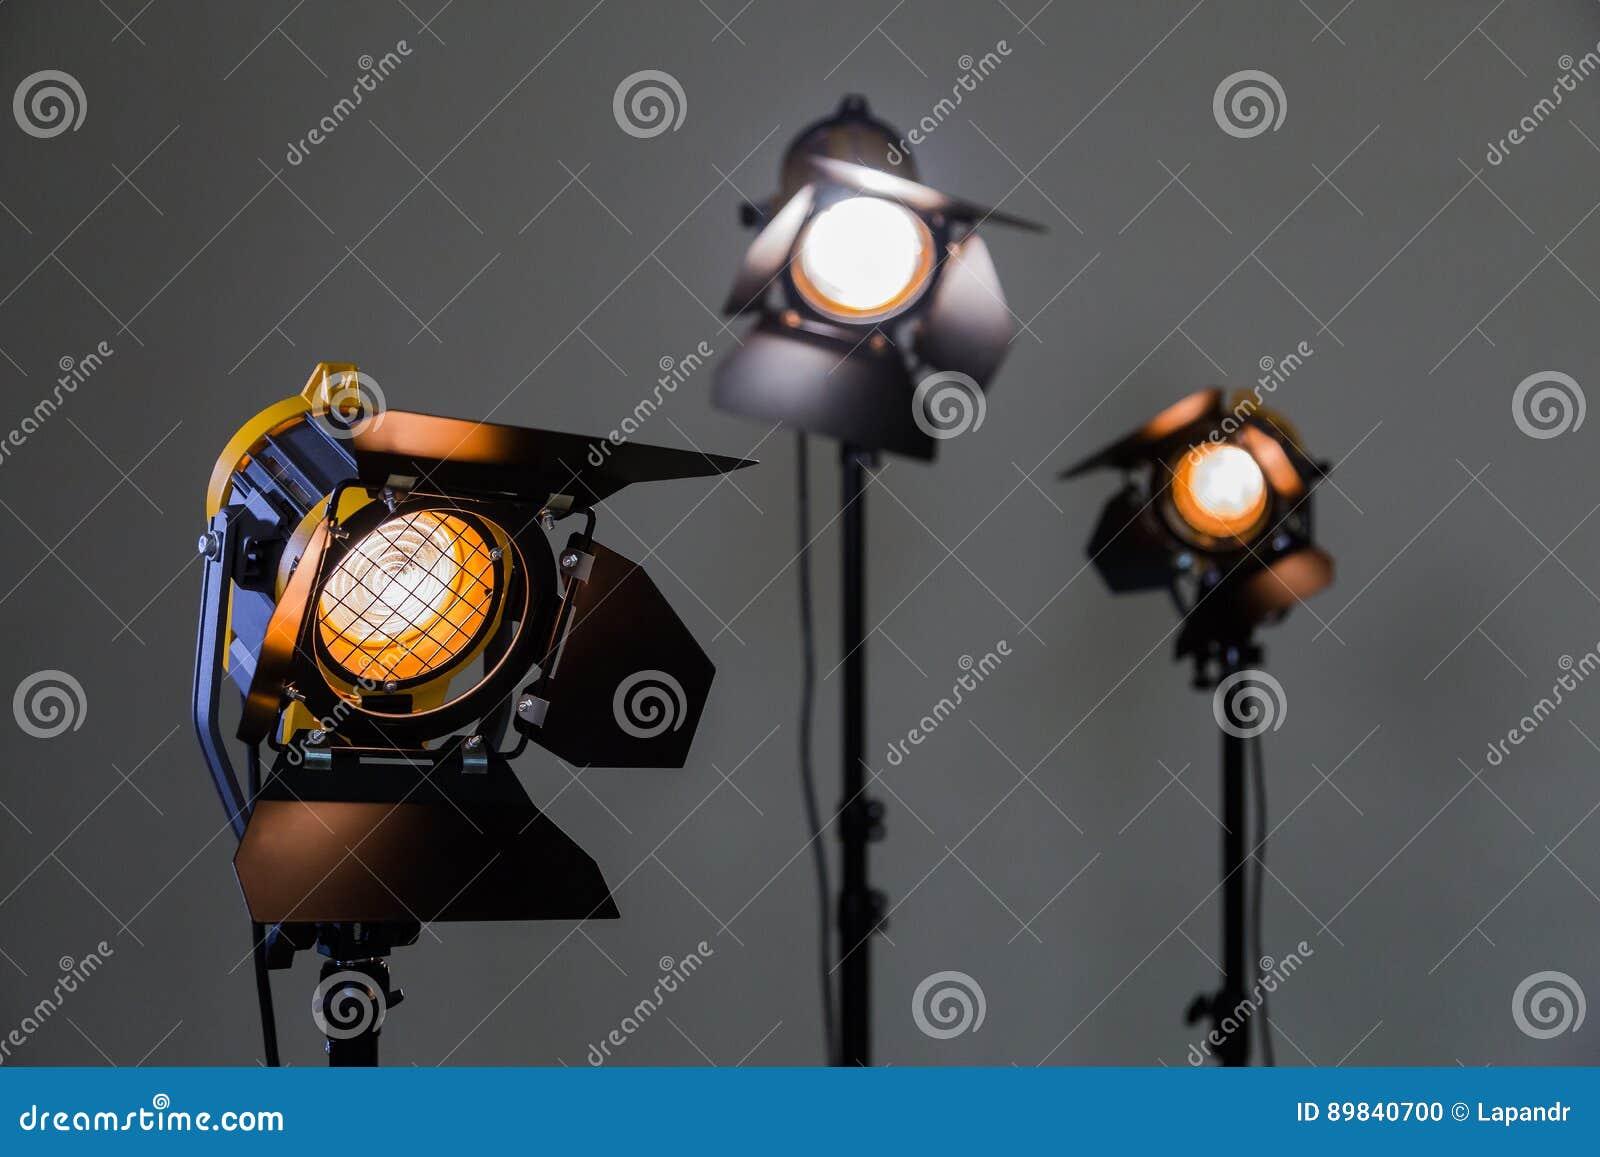 Tre halogenstrålkastare med Fresnel linser på en grå bakgrund Fotografera och filma i inre